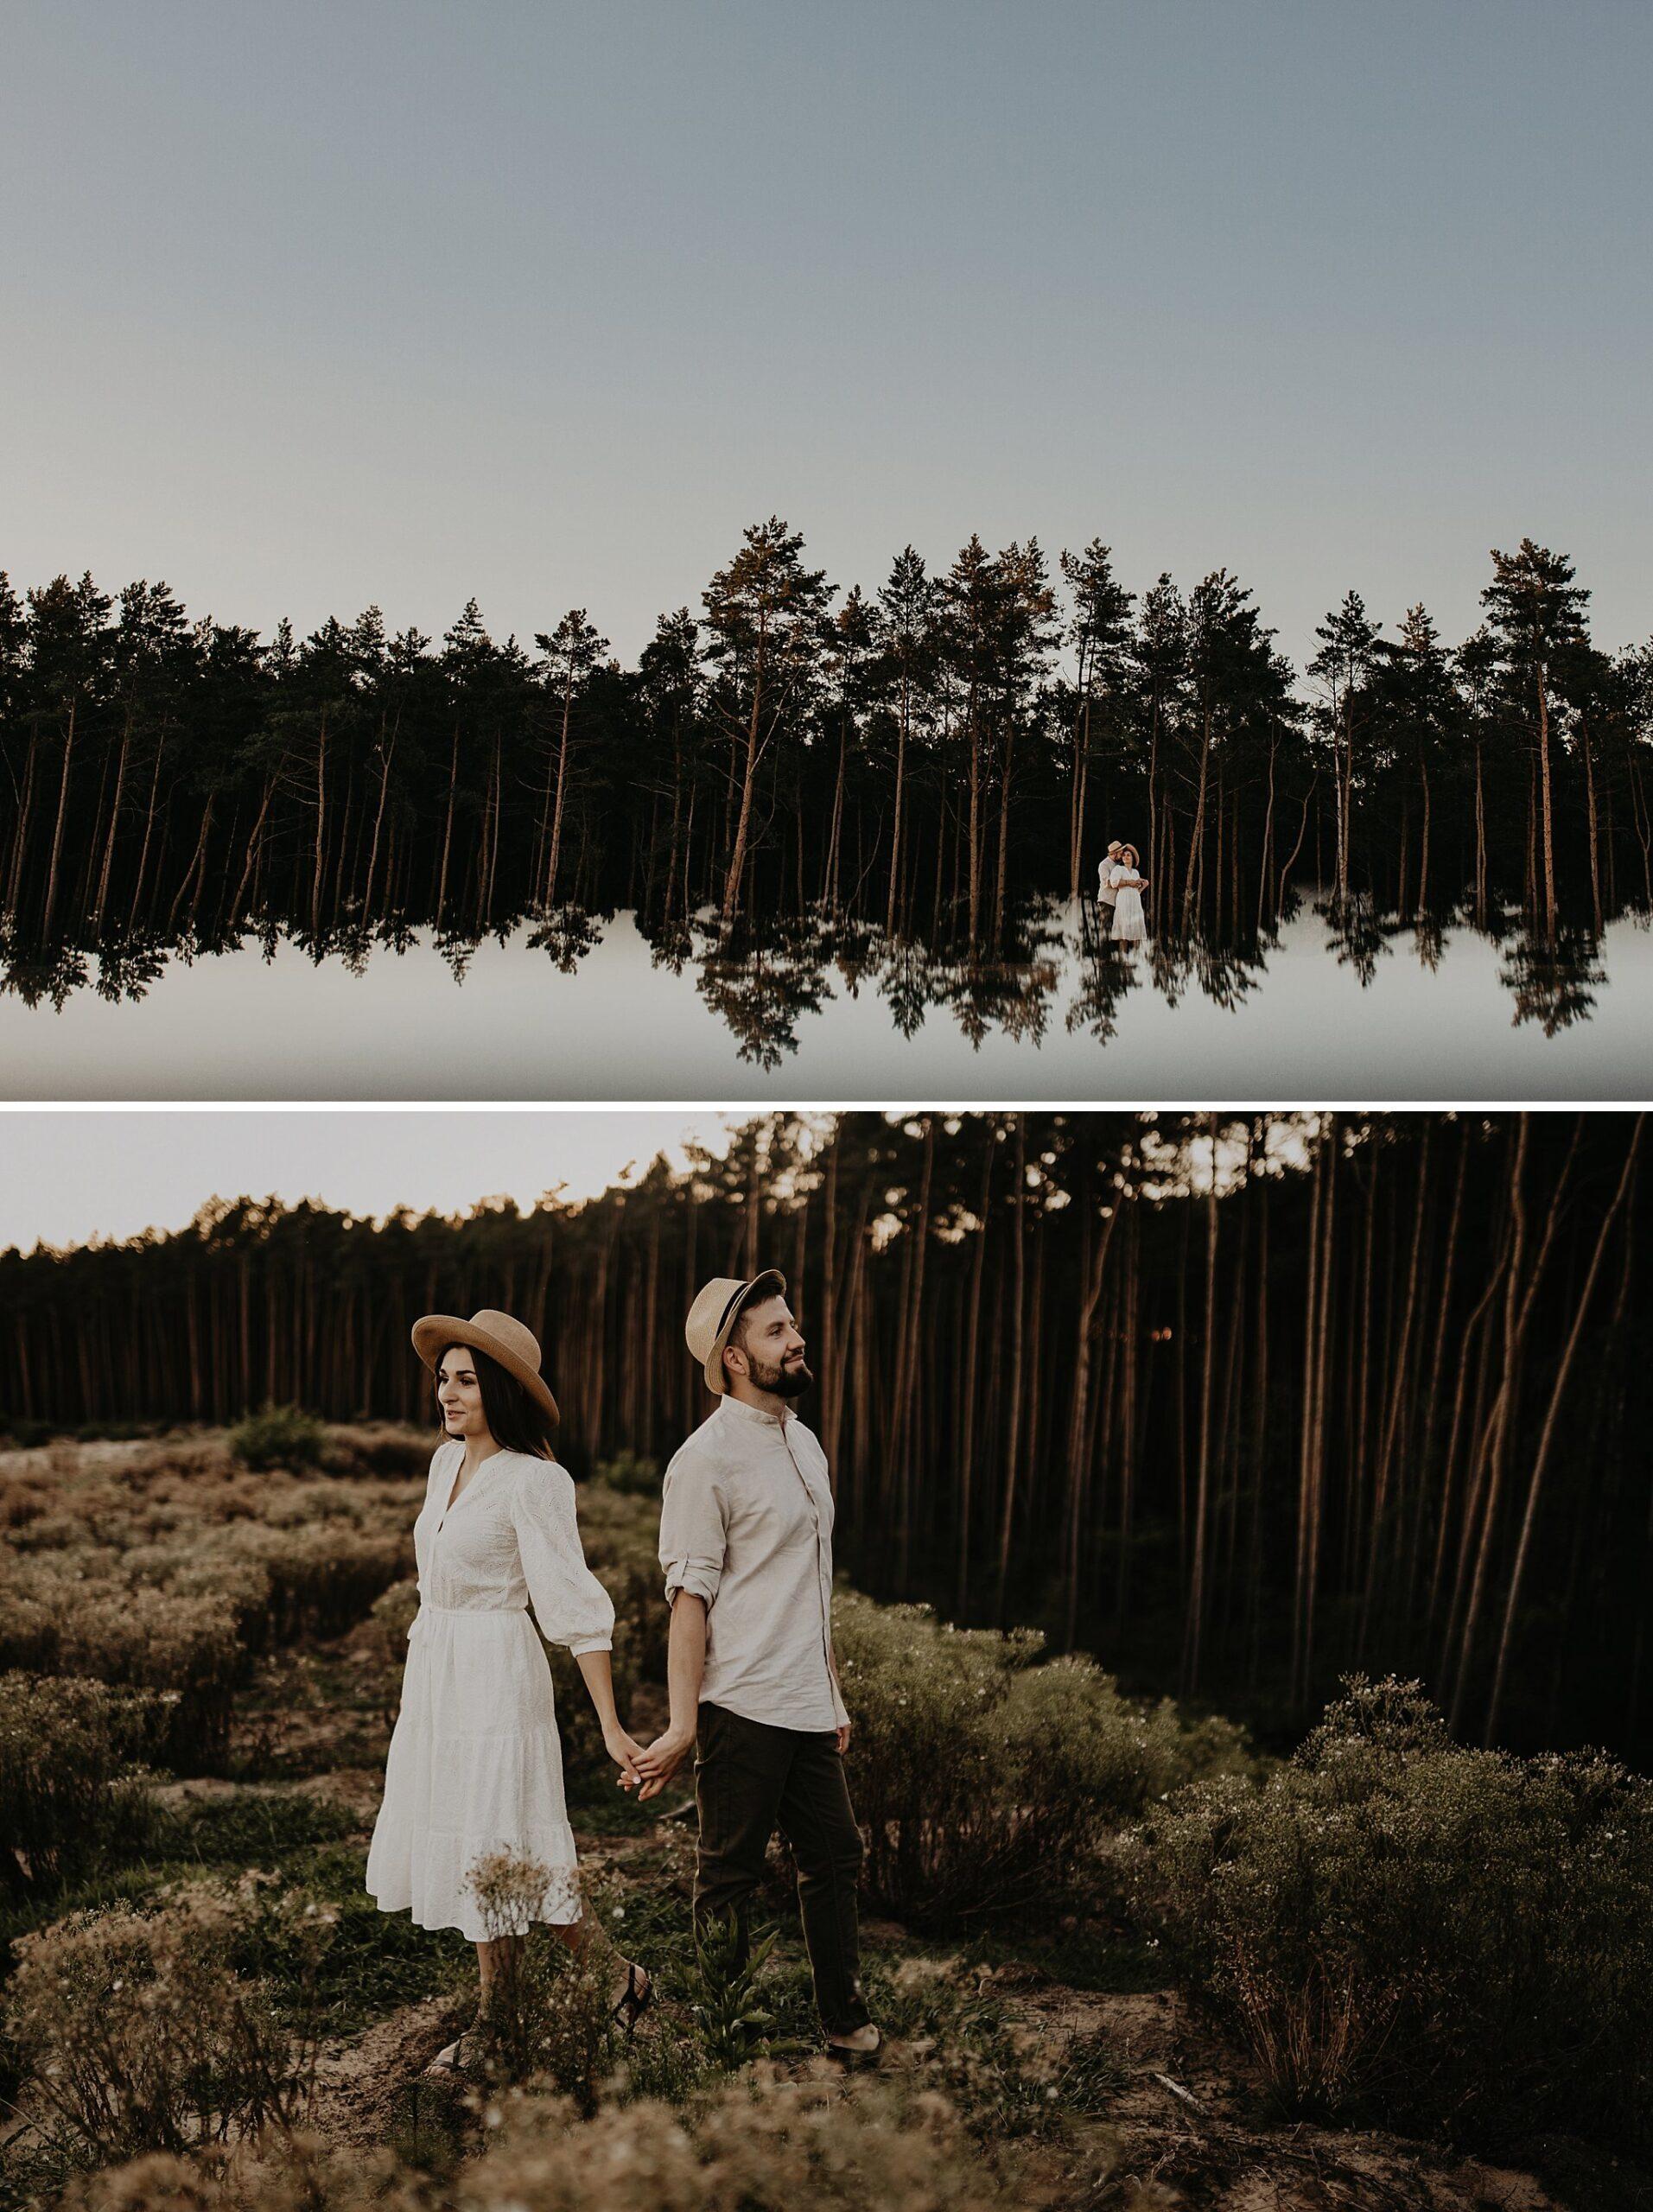 piekna sesja narzeczenska rustykalna romantyczna sesja na pustyni sesja zdjeciowa poznan krugphotography fotograf slubny z poznania fotografia slubna poznan 6700 scaled